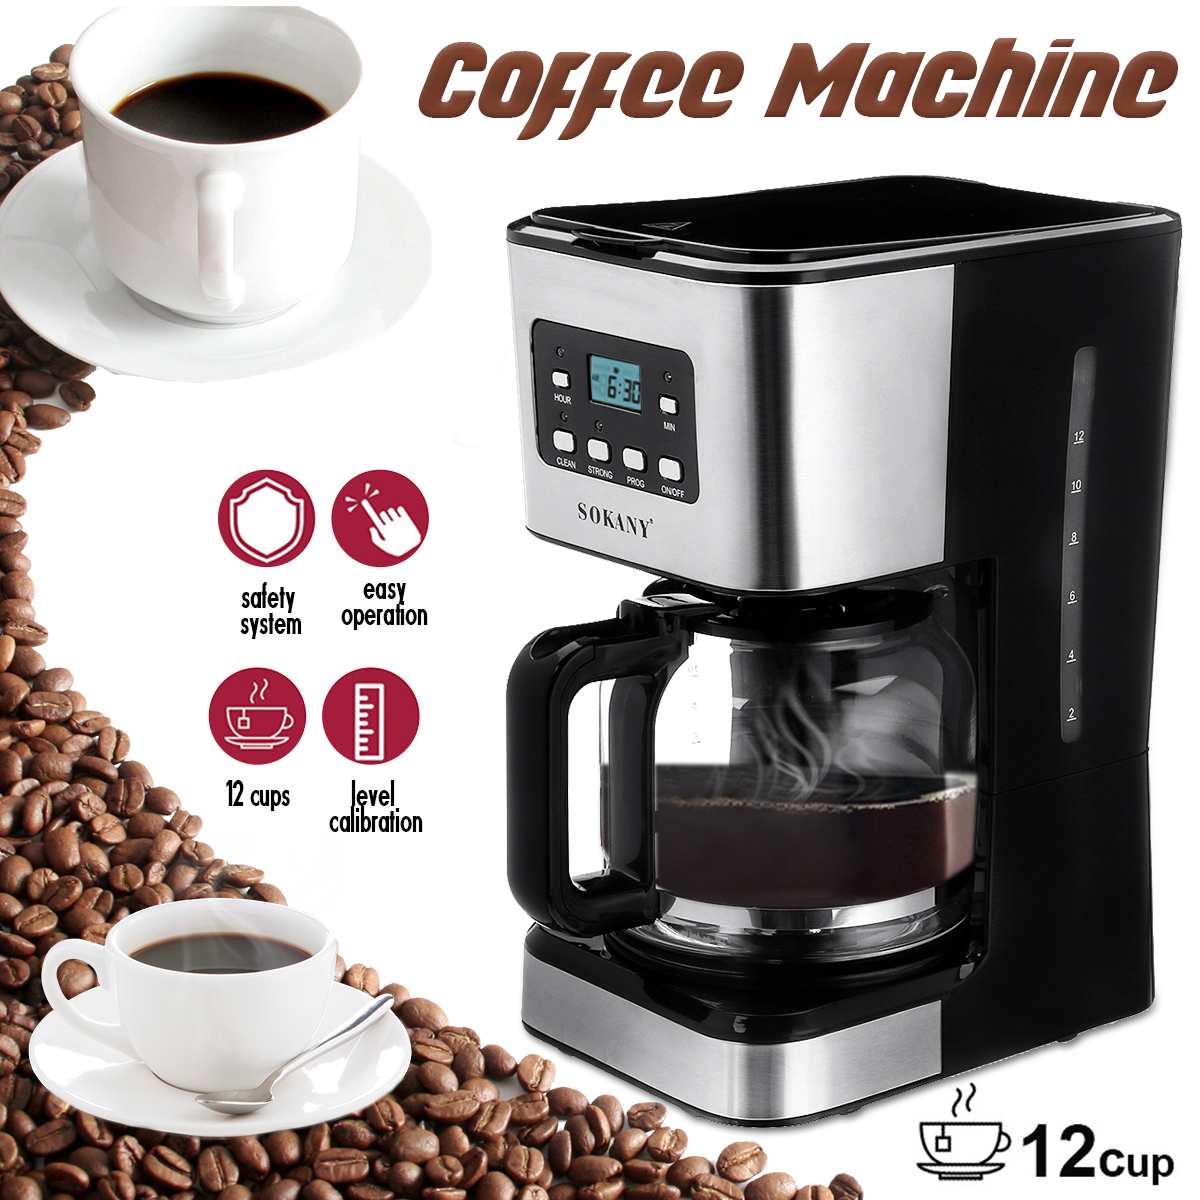 Coffee Machine 12 Cups Semi-Automatic Steam Coffee Maker 220V Detachable Washable Coffeemaker For Espresso Cappuccino Latte